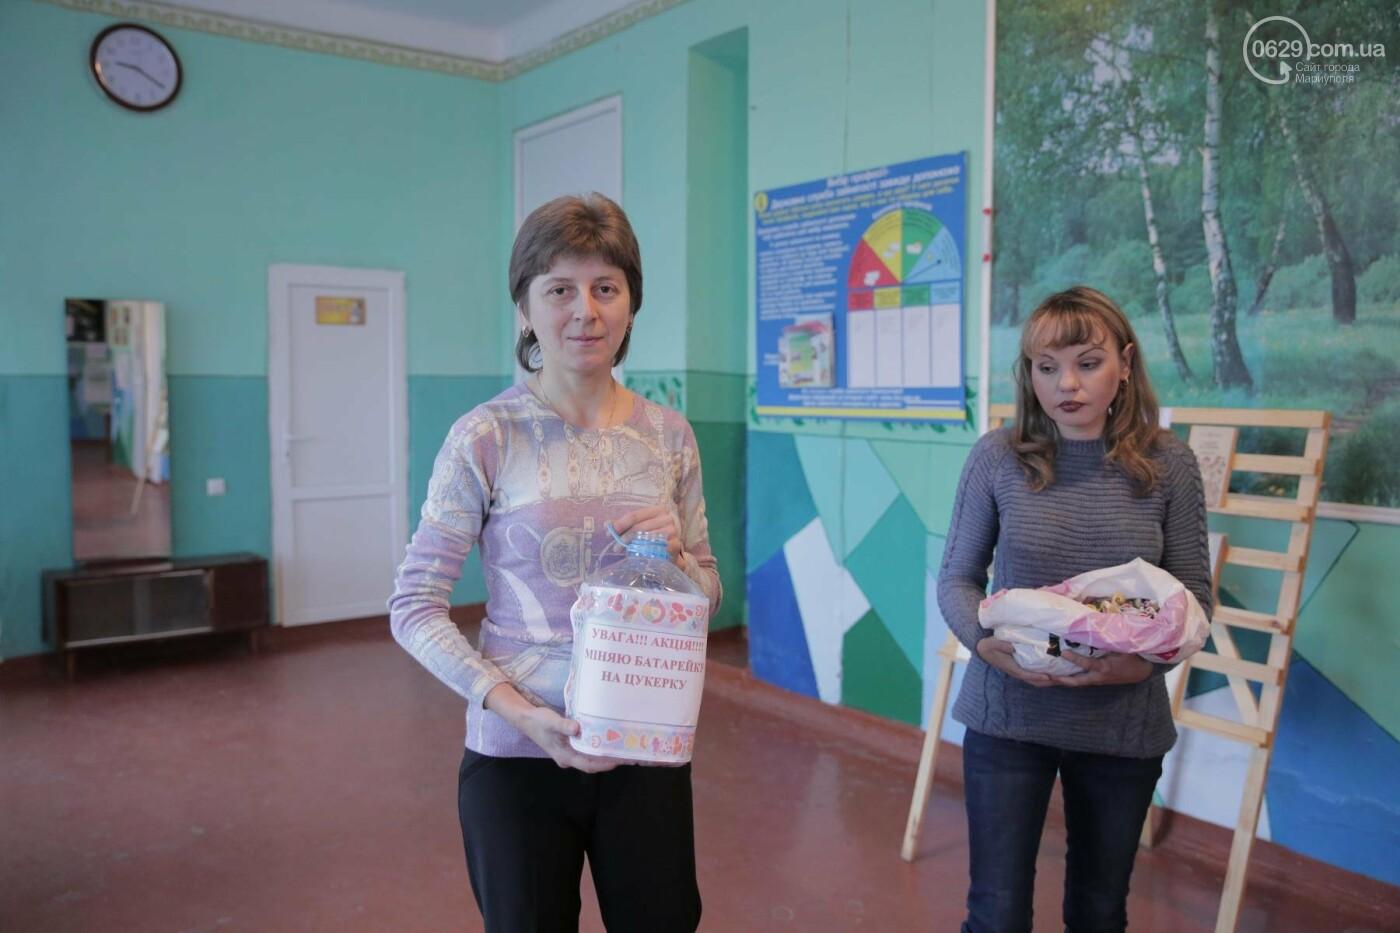 Сортировка мусора: почему это не работает в Мариуполе и как это работает в Виннице (ФОТО), фото-6